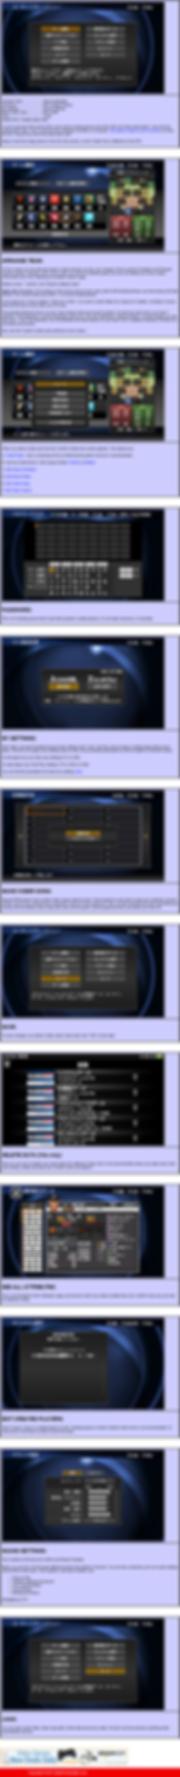 utility_menu.png